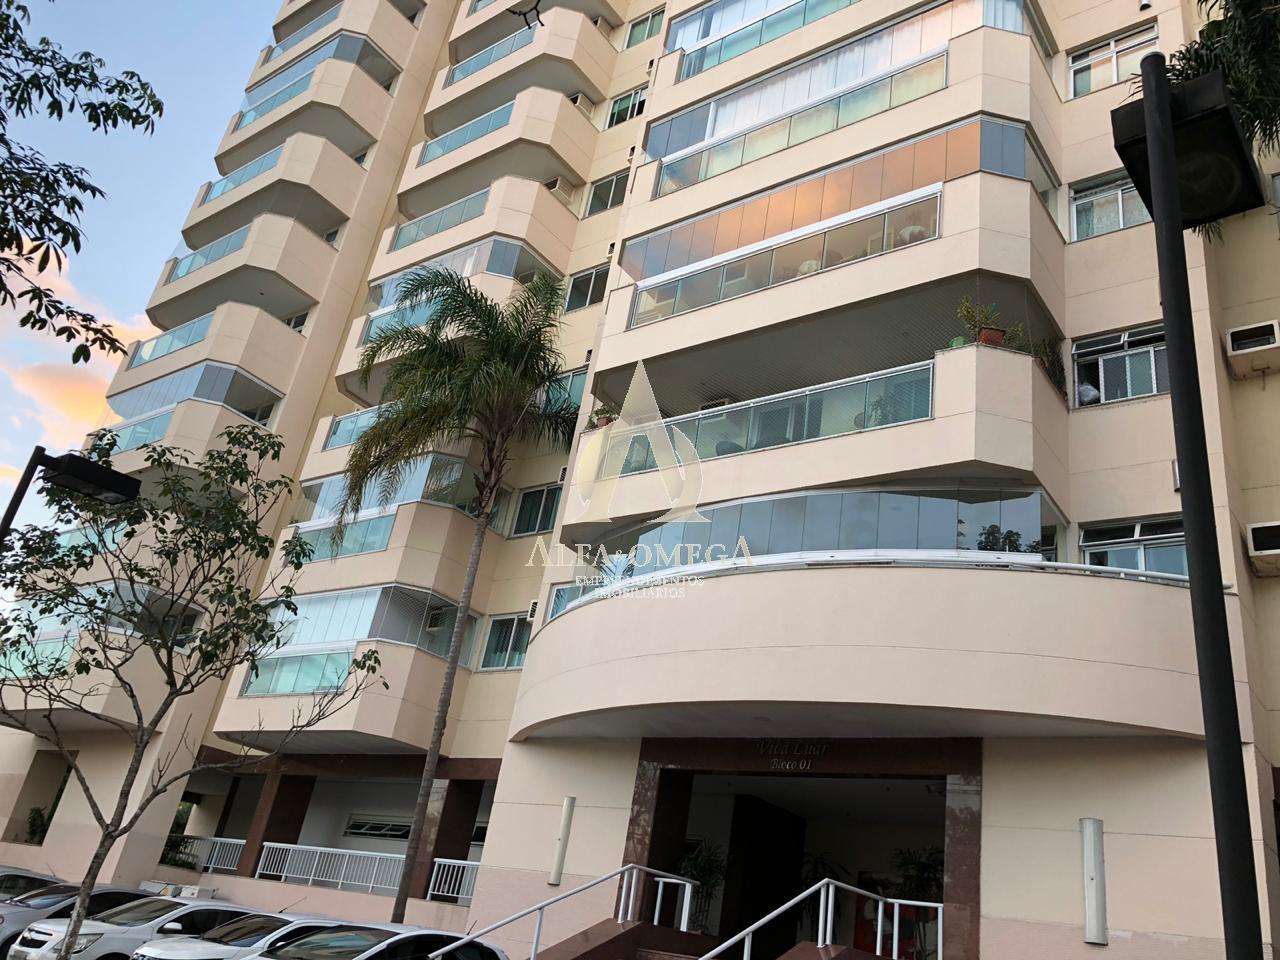 FOTO 20 - Apartamento Barra da Tijuca, Rio de Janeiro, RJ Para Alugar, 2 Quartos, 69m² - AO20270L - 21